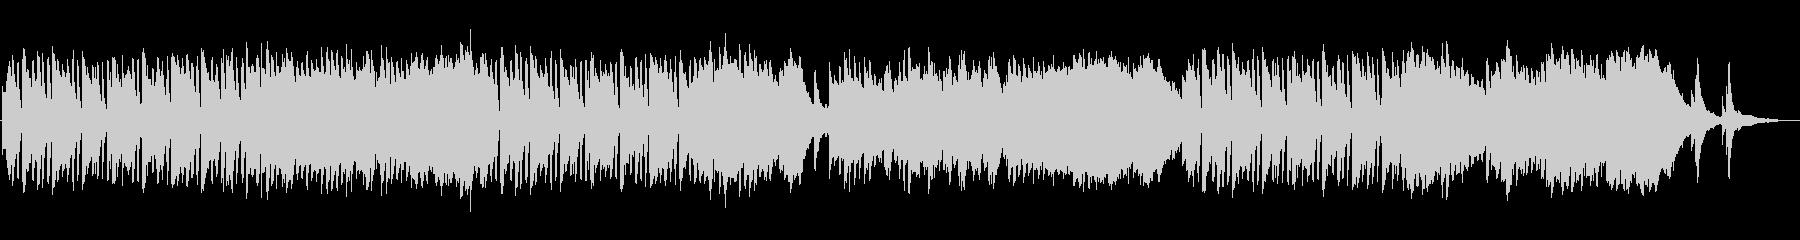 ピアノがメインの日常BGMの未再生の波形